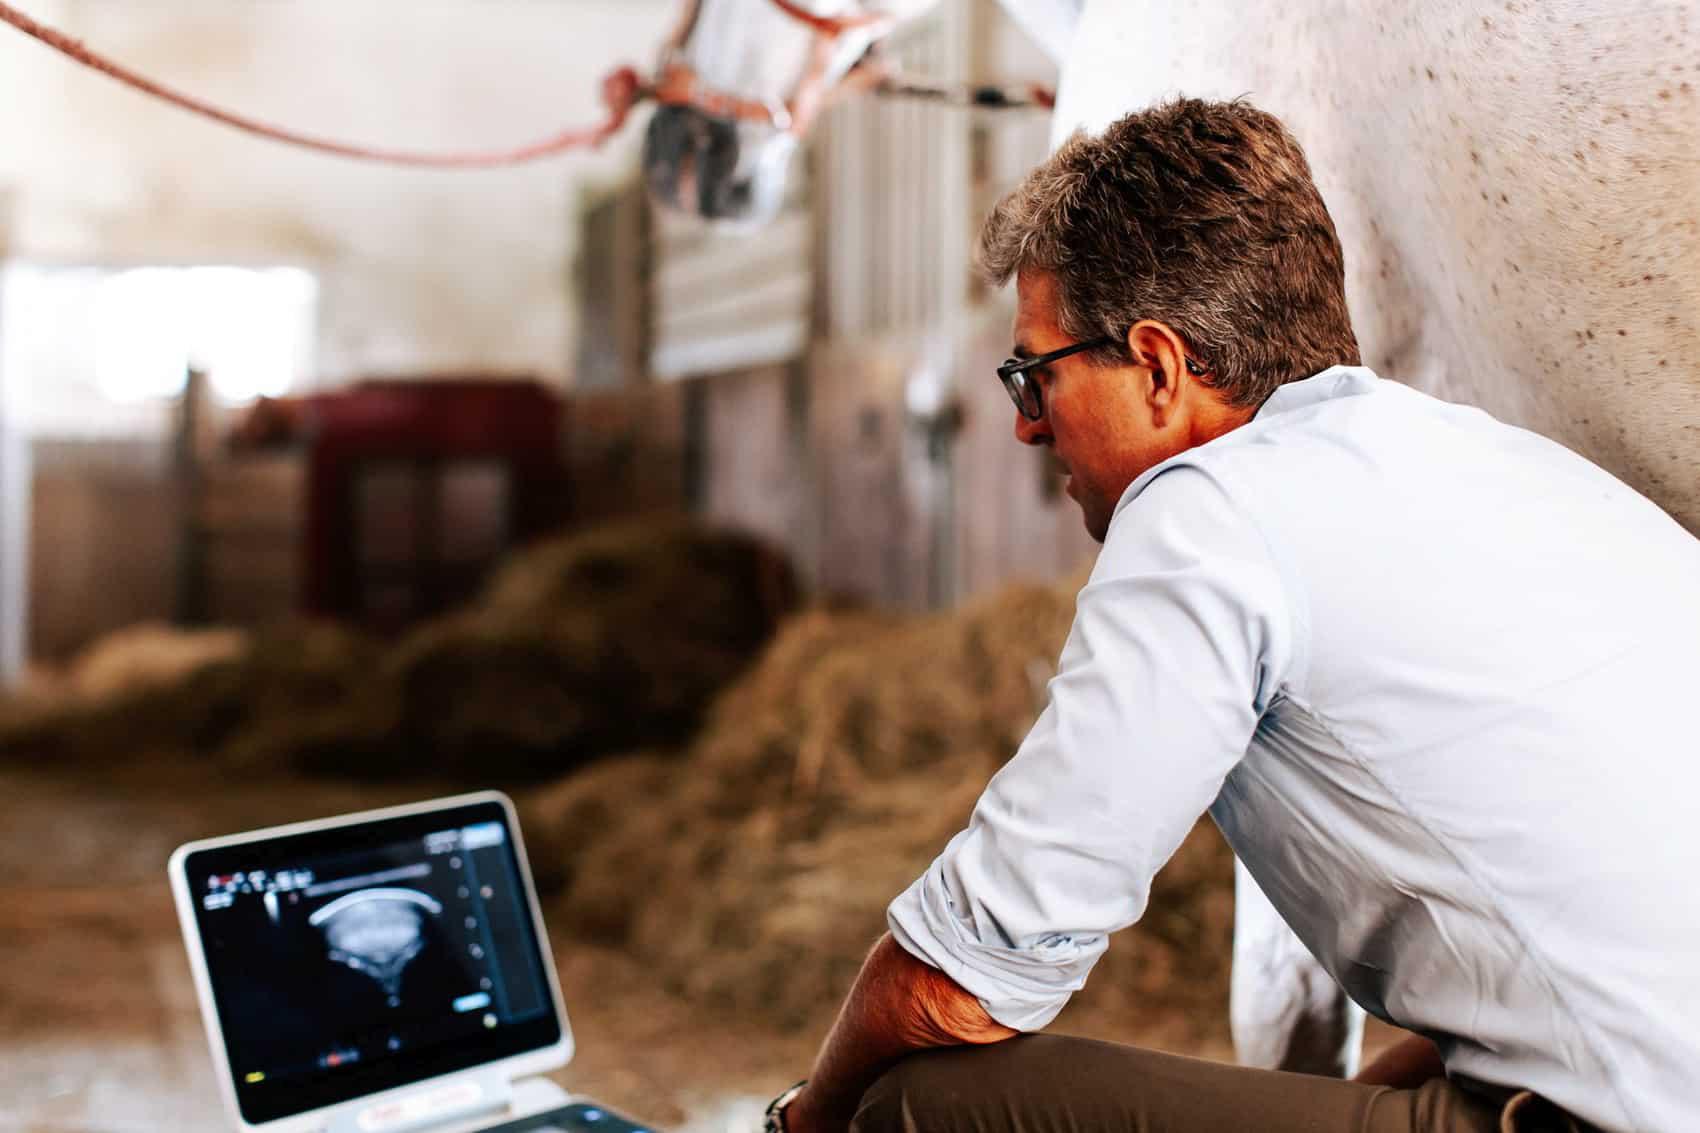 pferdesportpraxis-tierarzt-dr-matthias-keller-pferdespezialist-orthopaedische-und-manuelle-medizin-fuer-pferde-faszientherapie-chiropraktik-akupunktur-cft-prp-irap-chirofaszial-Sono